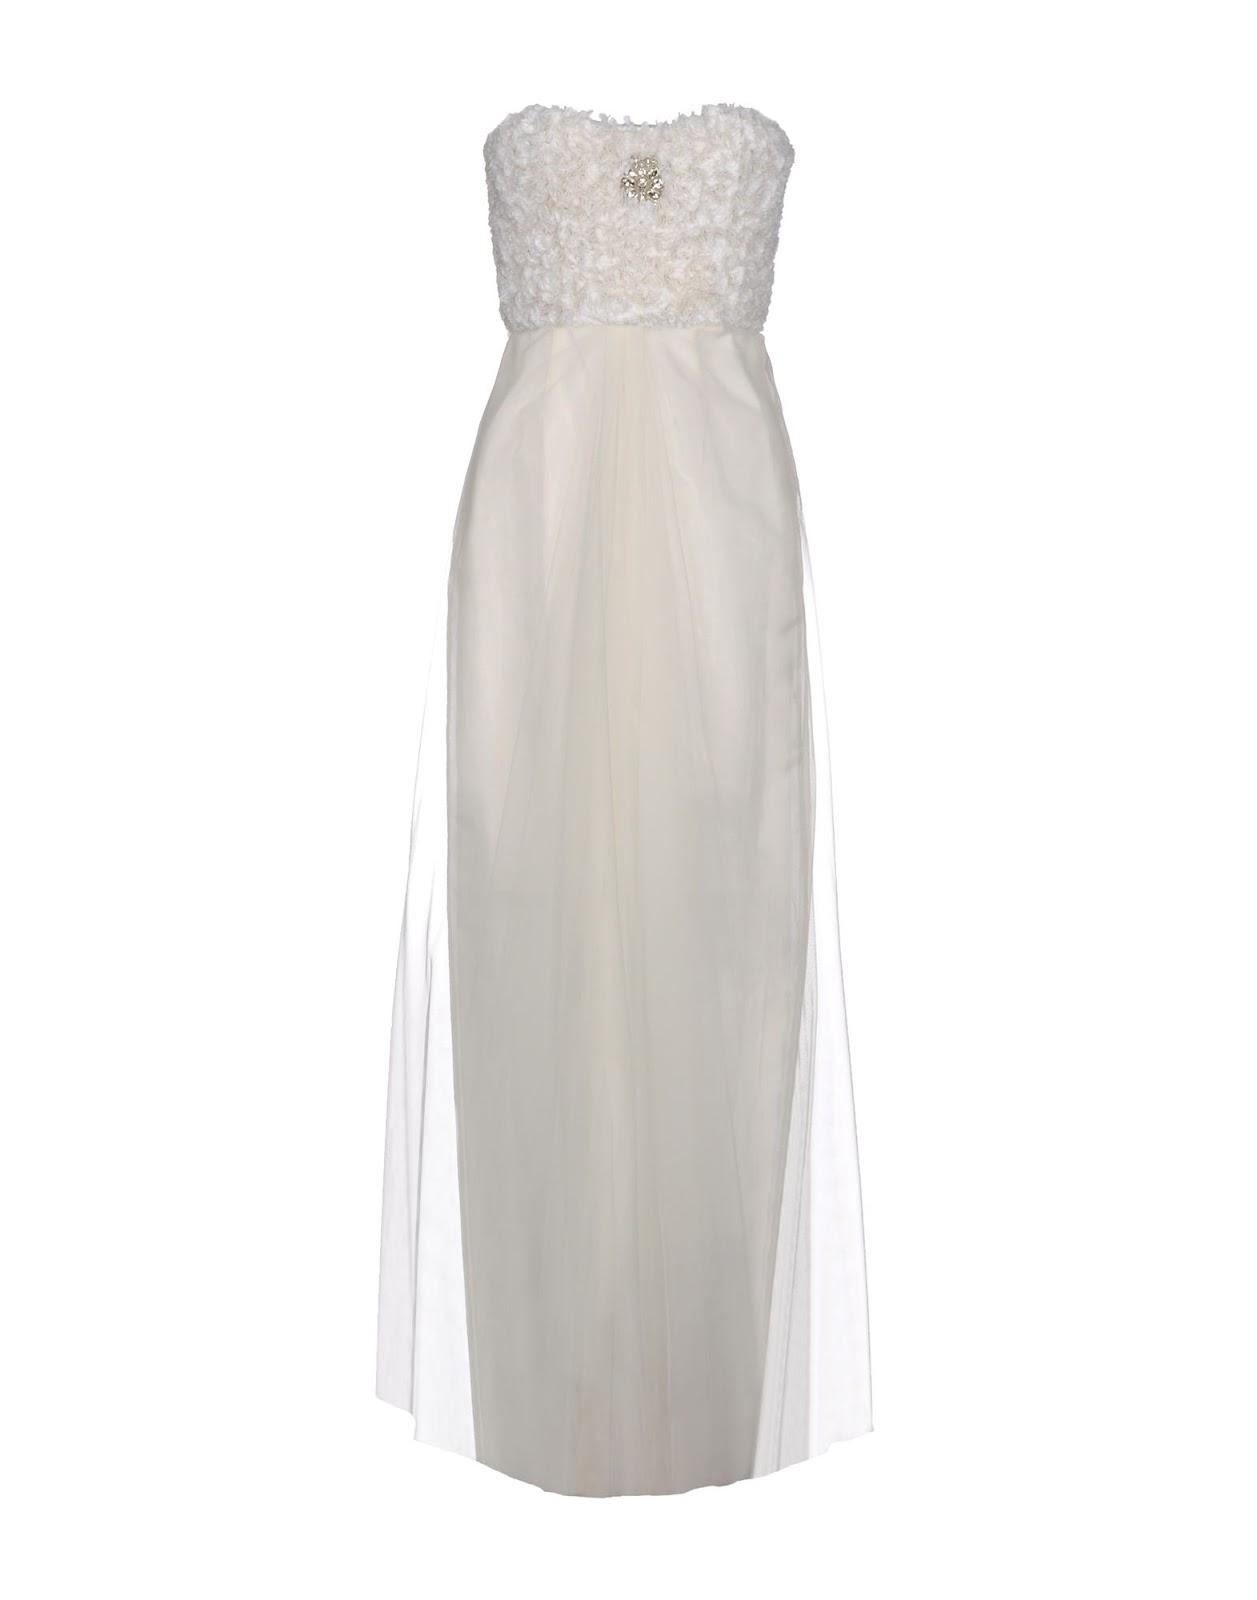 Yoox abito bianco